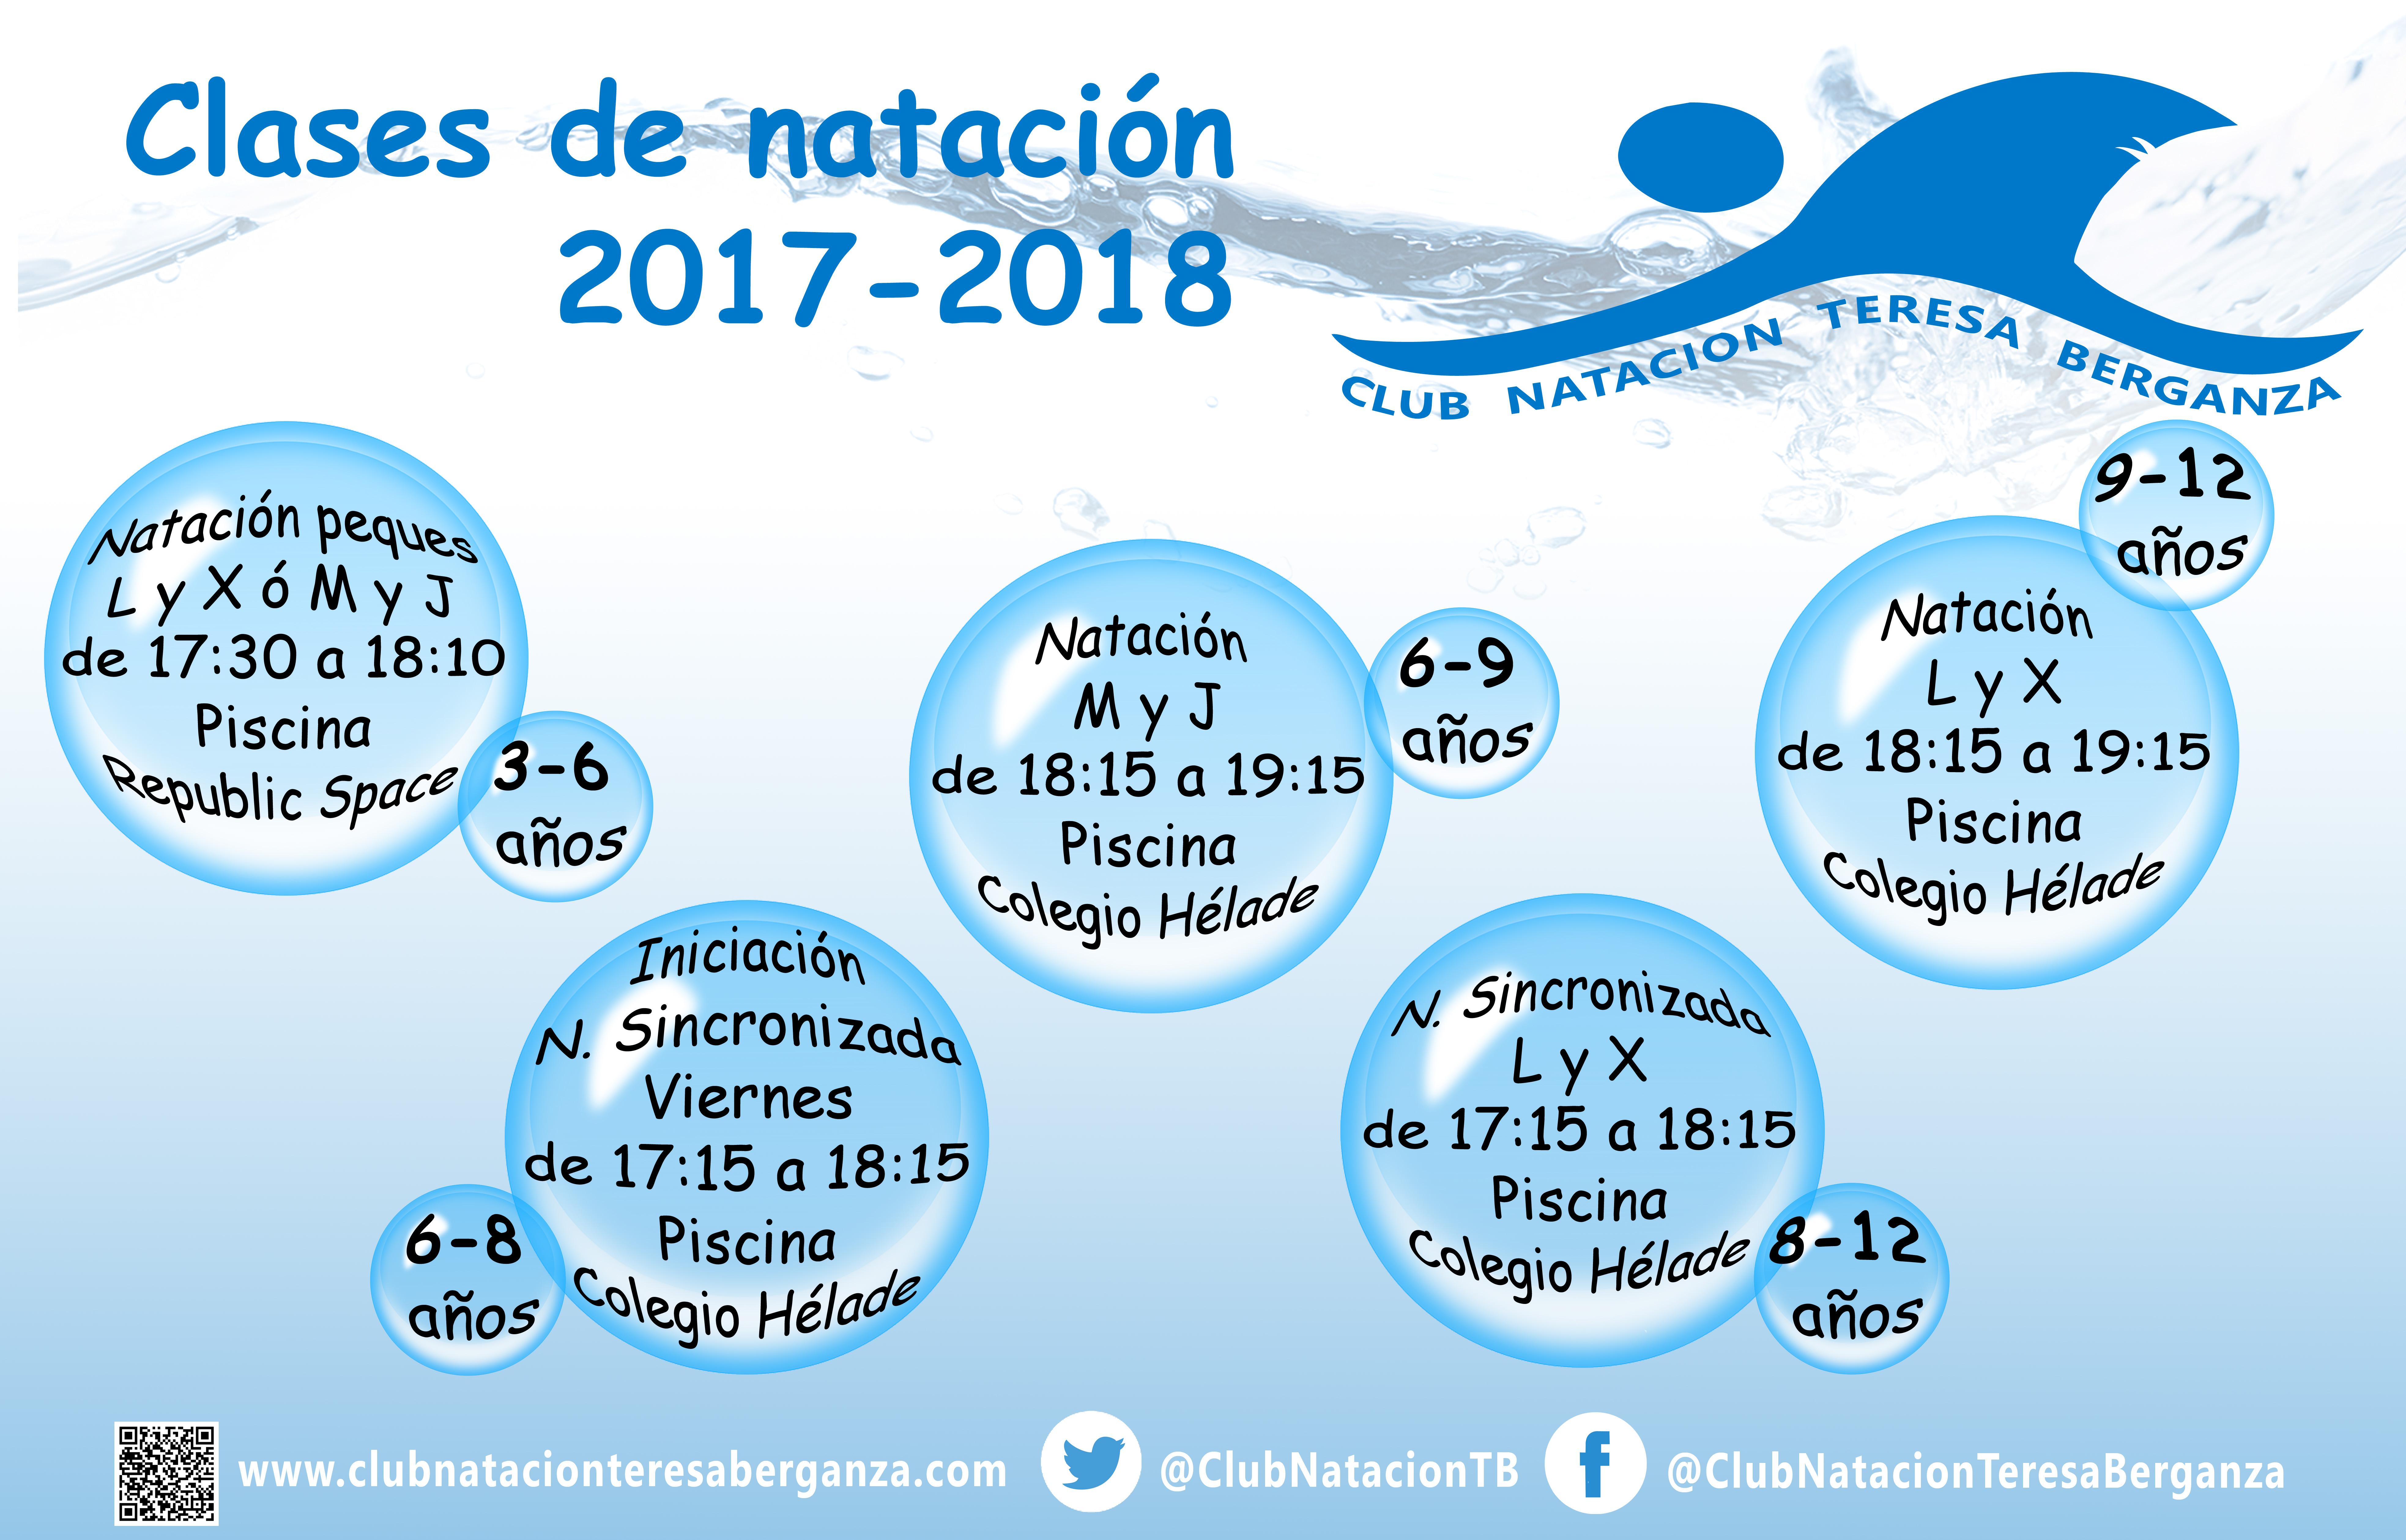 Ofertas Natación 2017-2018